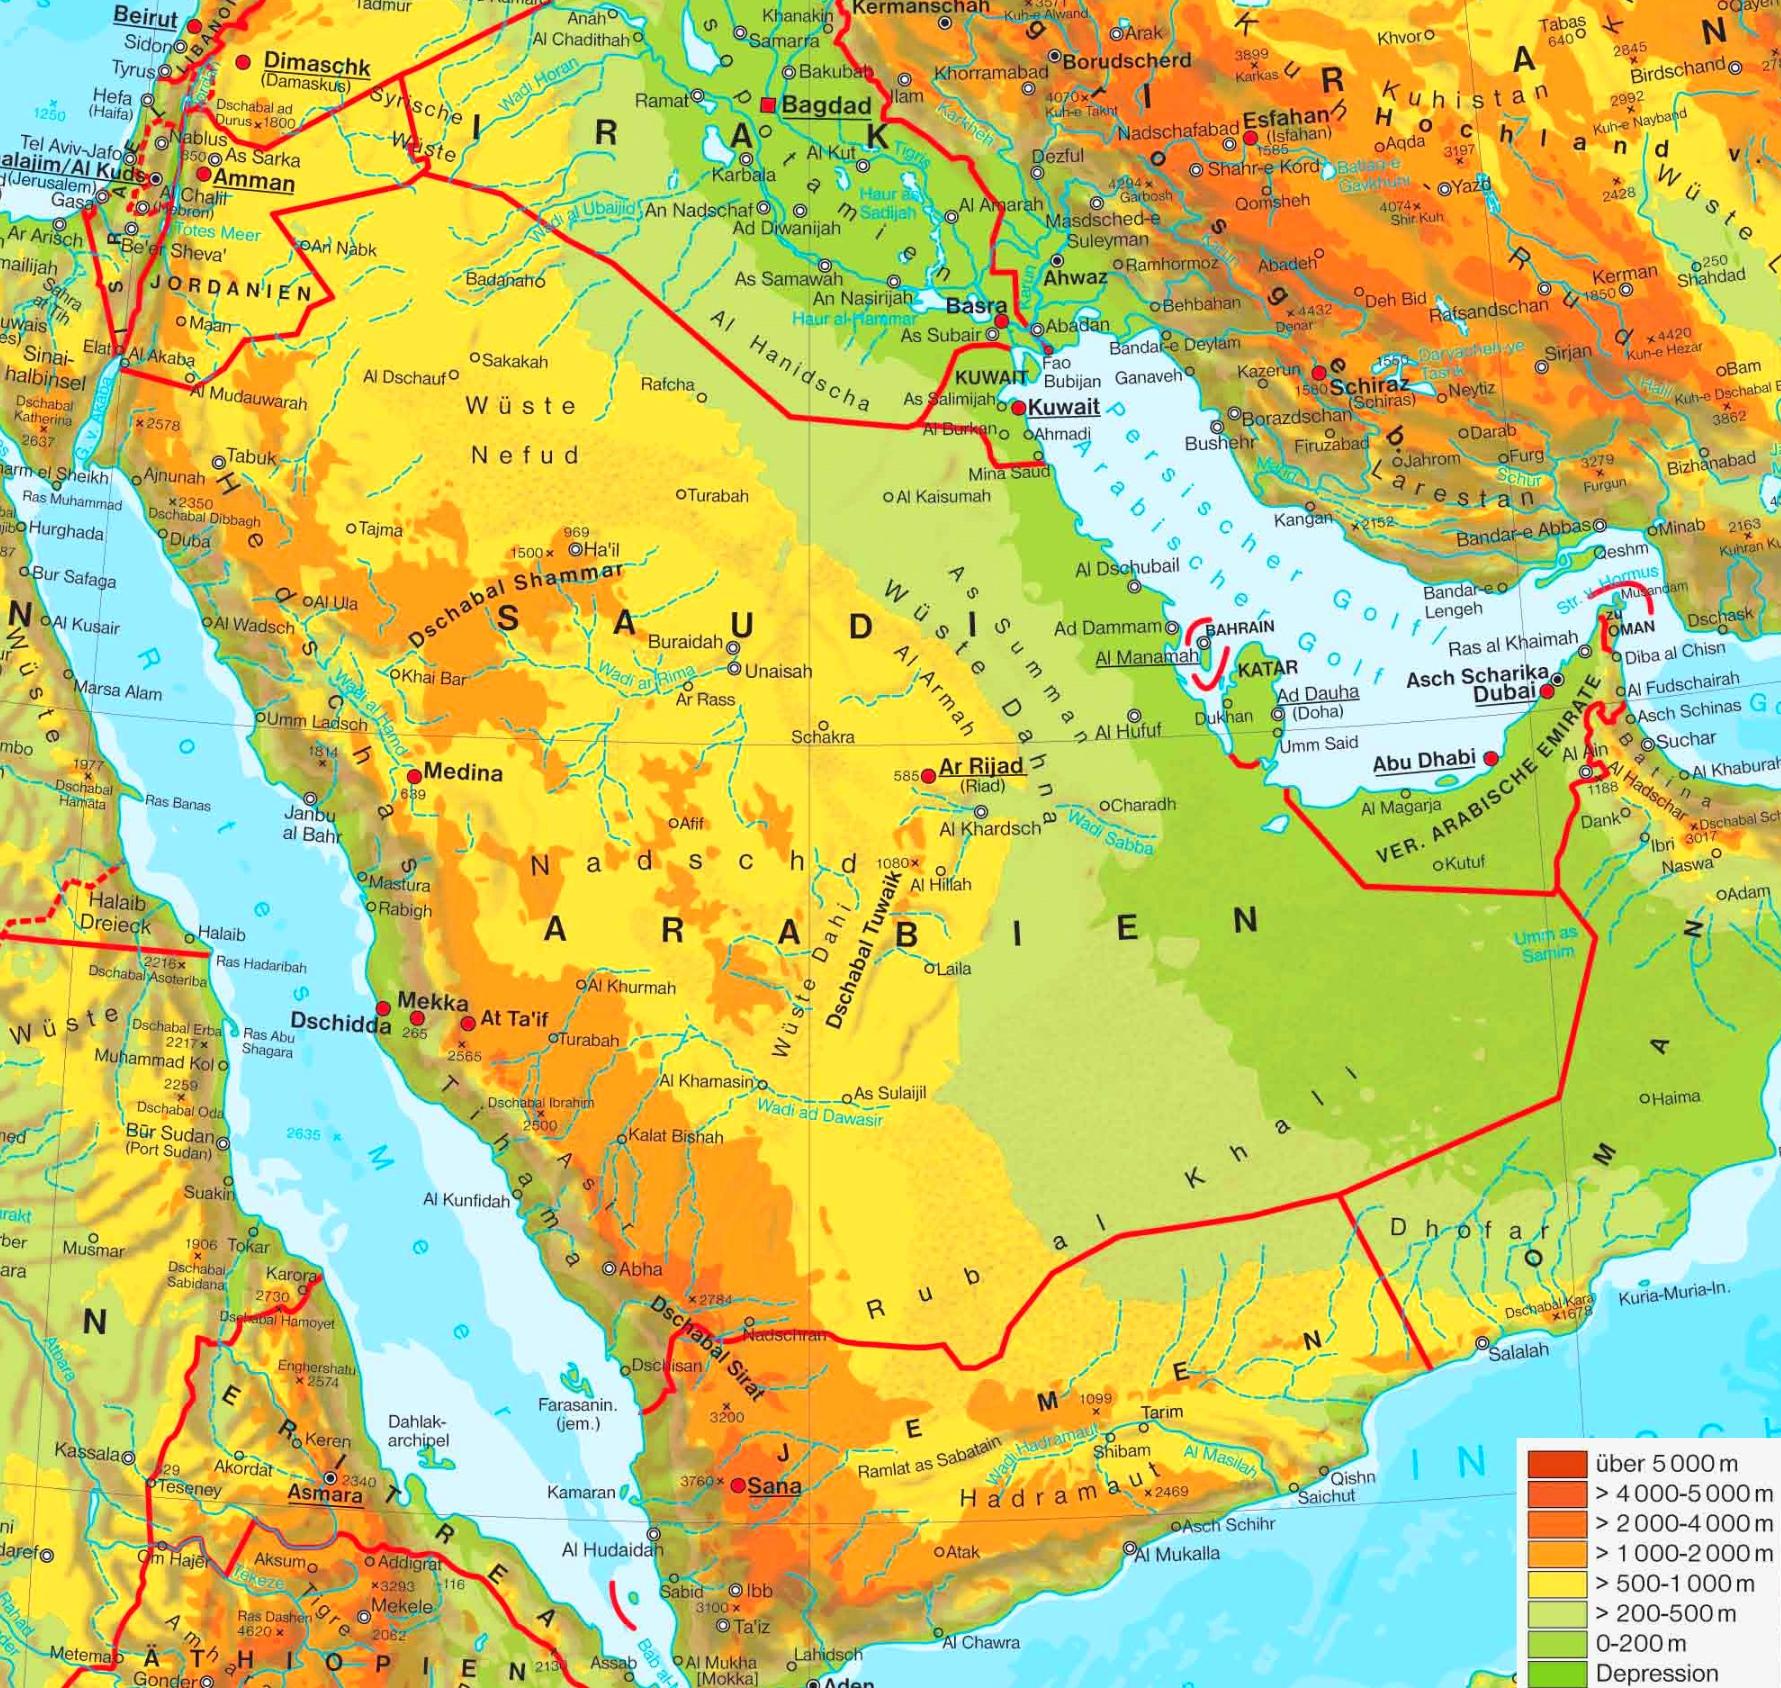 Physische Landkarte Von Saudi Arabien